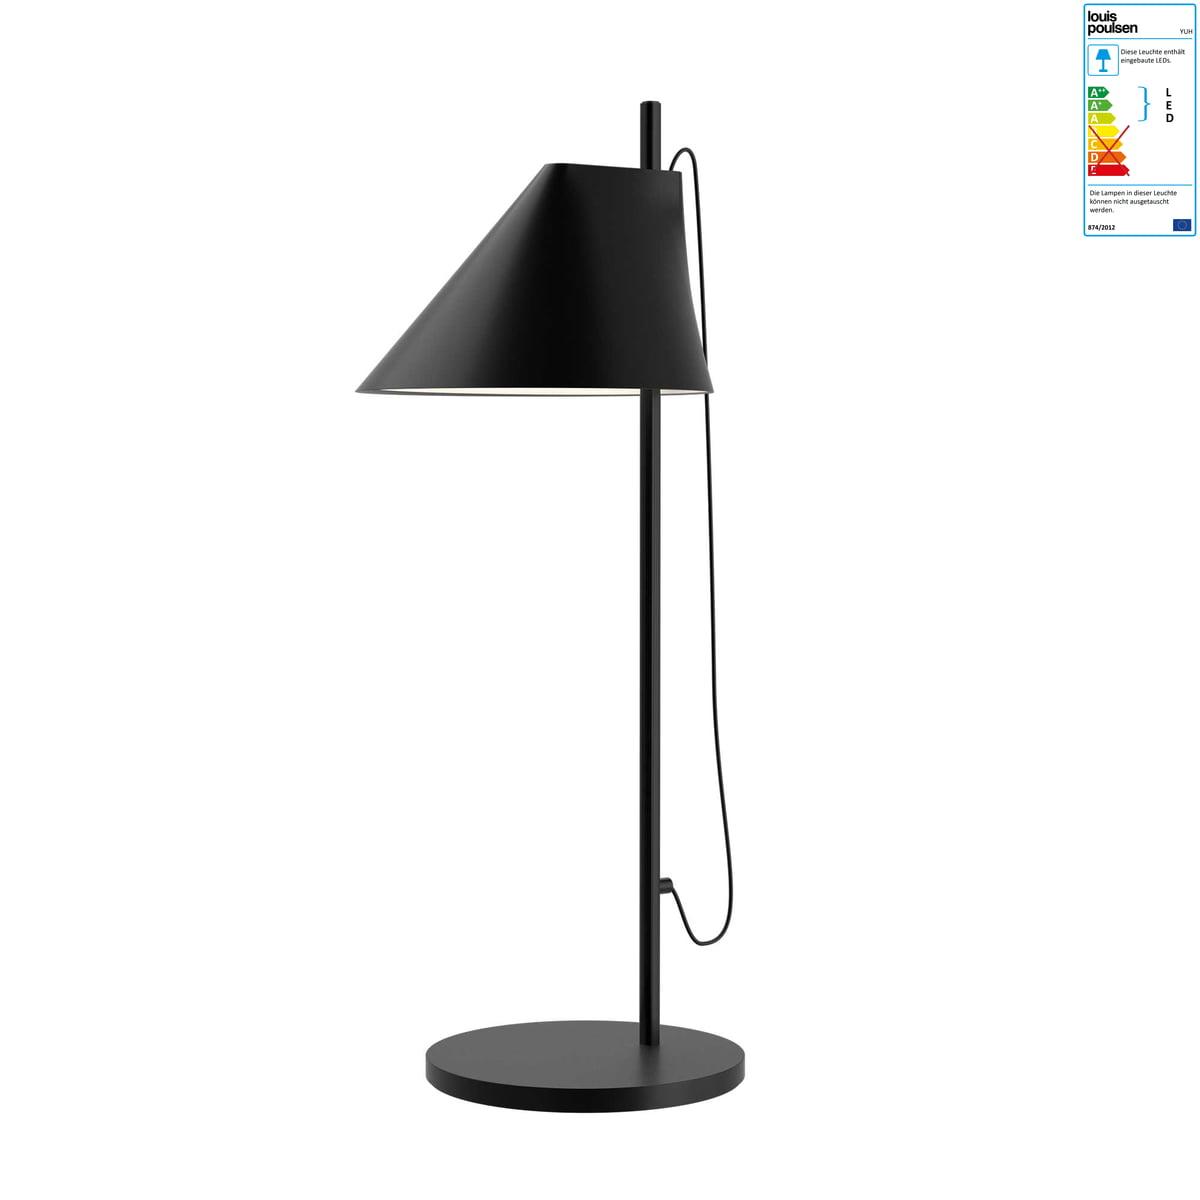 louis poulsen yuh tischleuchte led schwarz schwarz t 26 h 70 b 31 online kaufen bei woonio. Black Bedroom Furniture Sets. Home Design Ideas